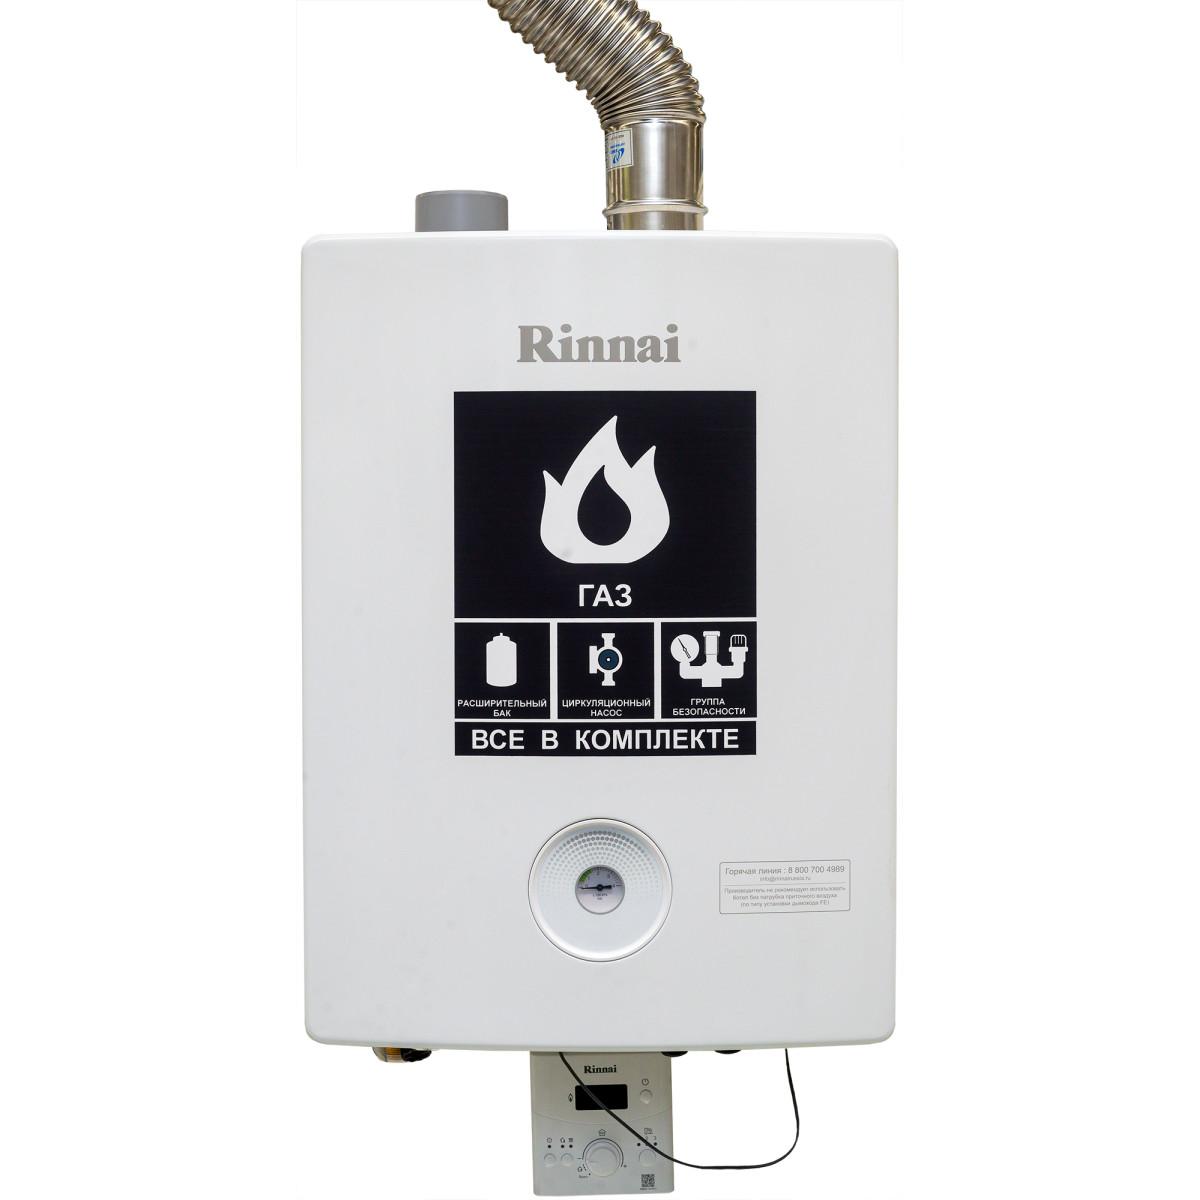 Котёл газовый двухконтурный Rinnai Brk 24 кВт